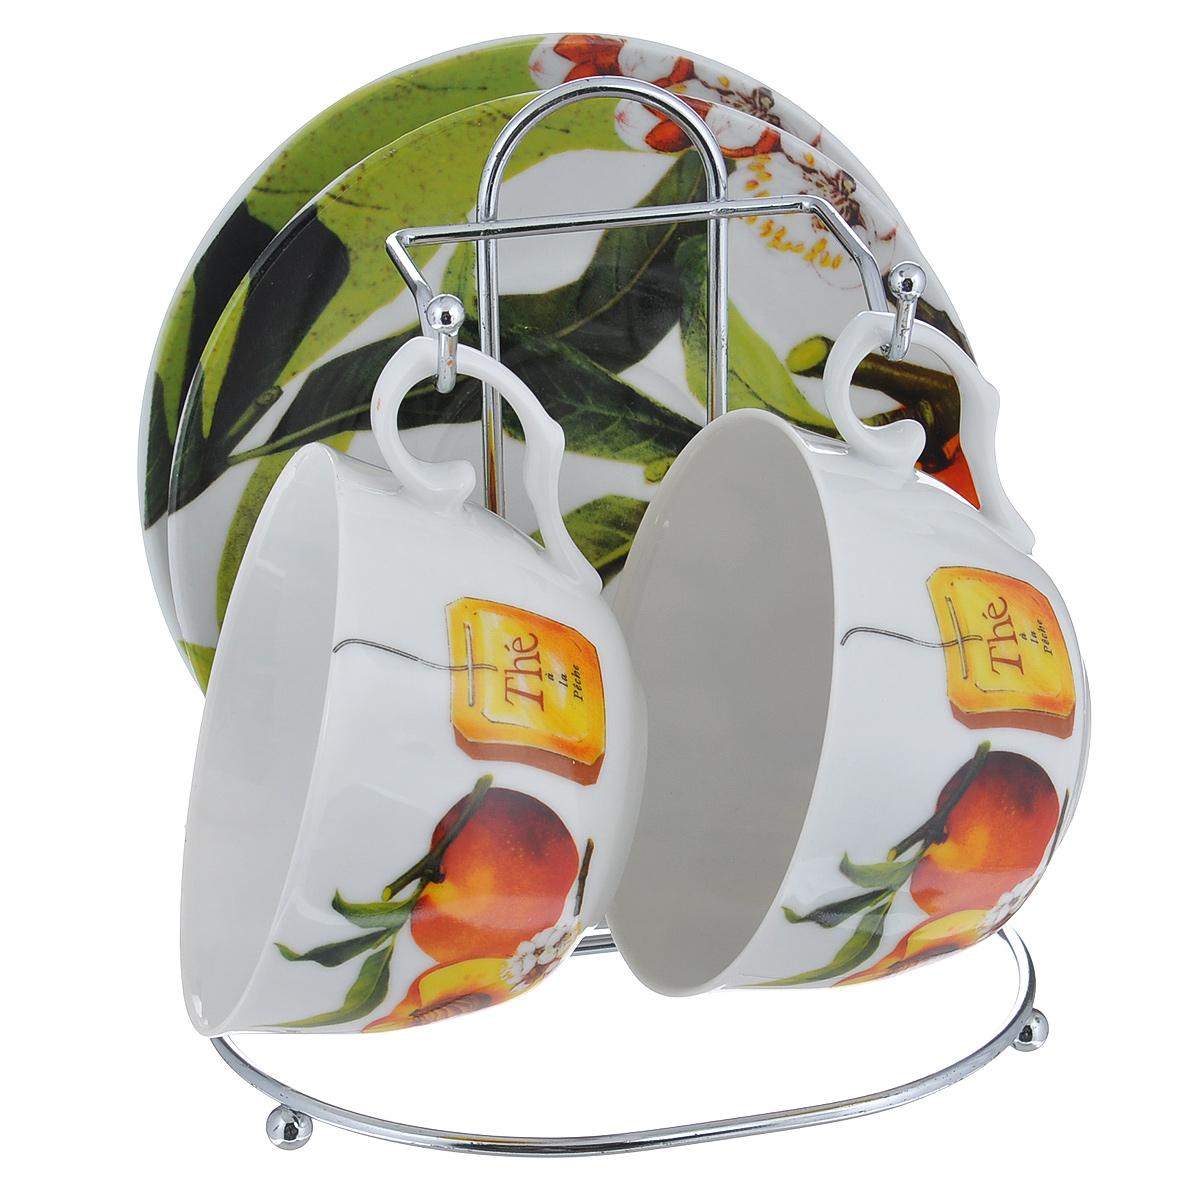 Набор чайный Larange Персик, 5 предметов586-261Чайный набор Персик состоит из двух чашек и двух блюдец. Предметы набора изготовлены из высококачественного фарфора и оформлены изображением персиков. Чашки и блюдца располагаются на удобной металлической подставке. Элегантный дизайн чайного набора придется по вкусу и ценителям классики, и тем, кто предпочитает утонченность и изысканность. Он настроит на позитивный лад и подарит хорошее настроение с самого утра. Не использовать в микроволновой печи. Не применять абразивные чистящие вещества.